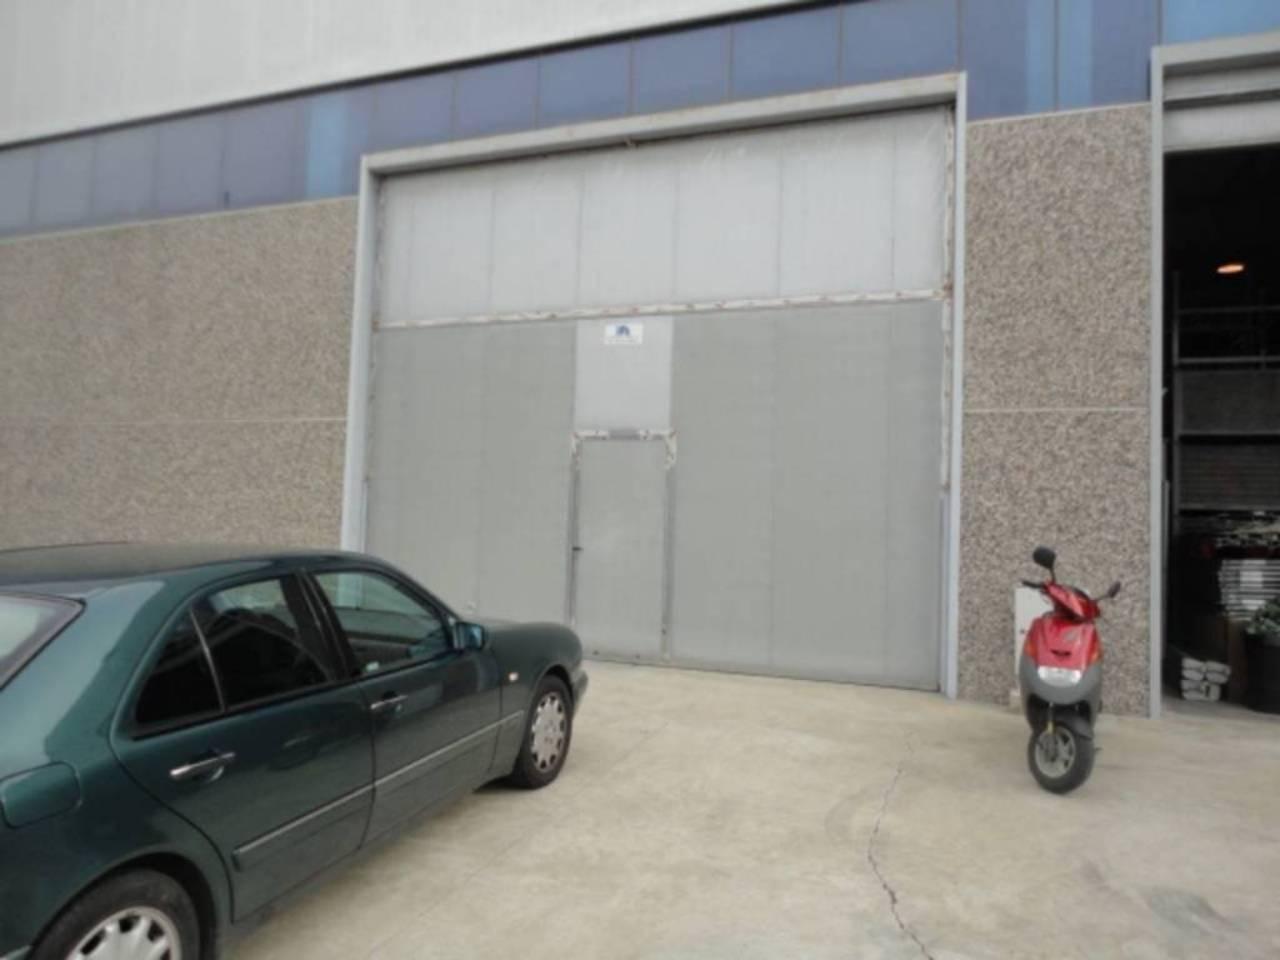 Nave industrial  Poligono industrial camí dels frares calle j. Polig. cami del frares, nave superf. 800 m², útil 800 m²,  1 ase